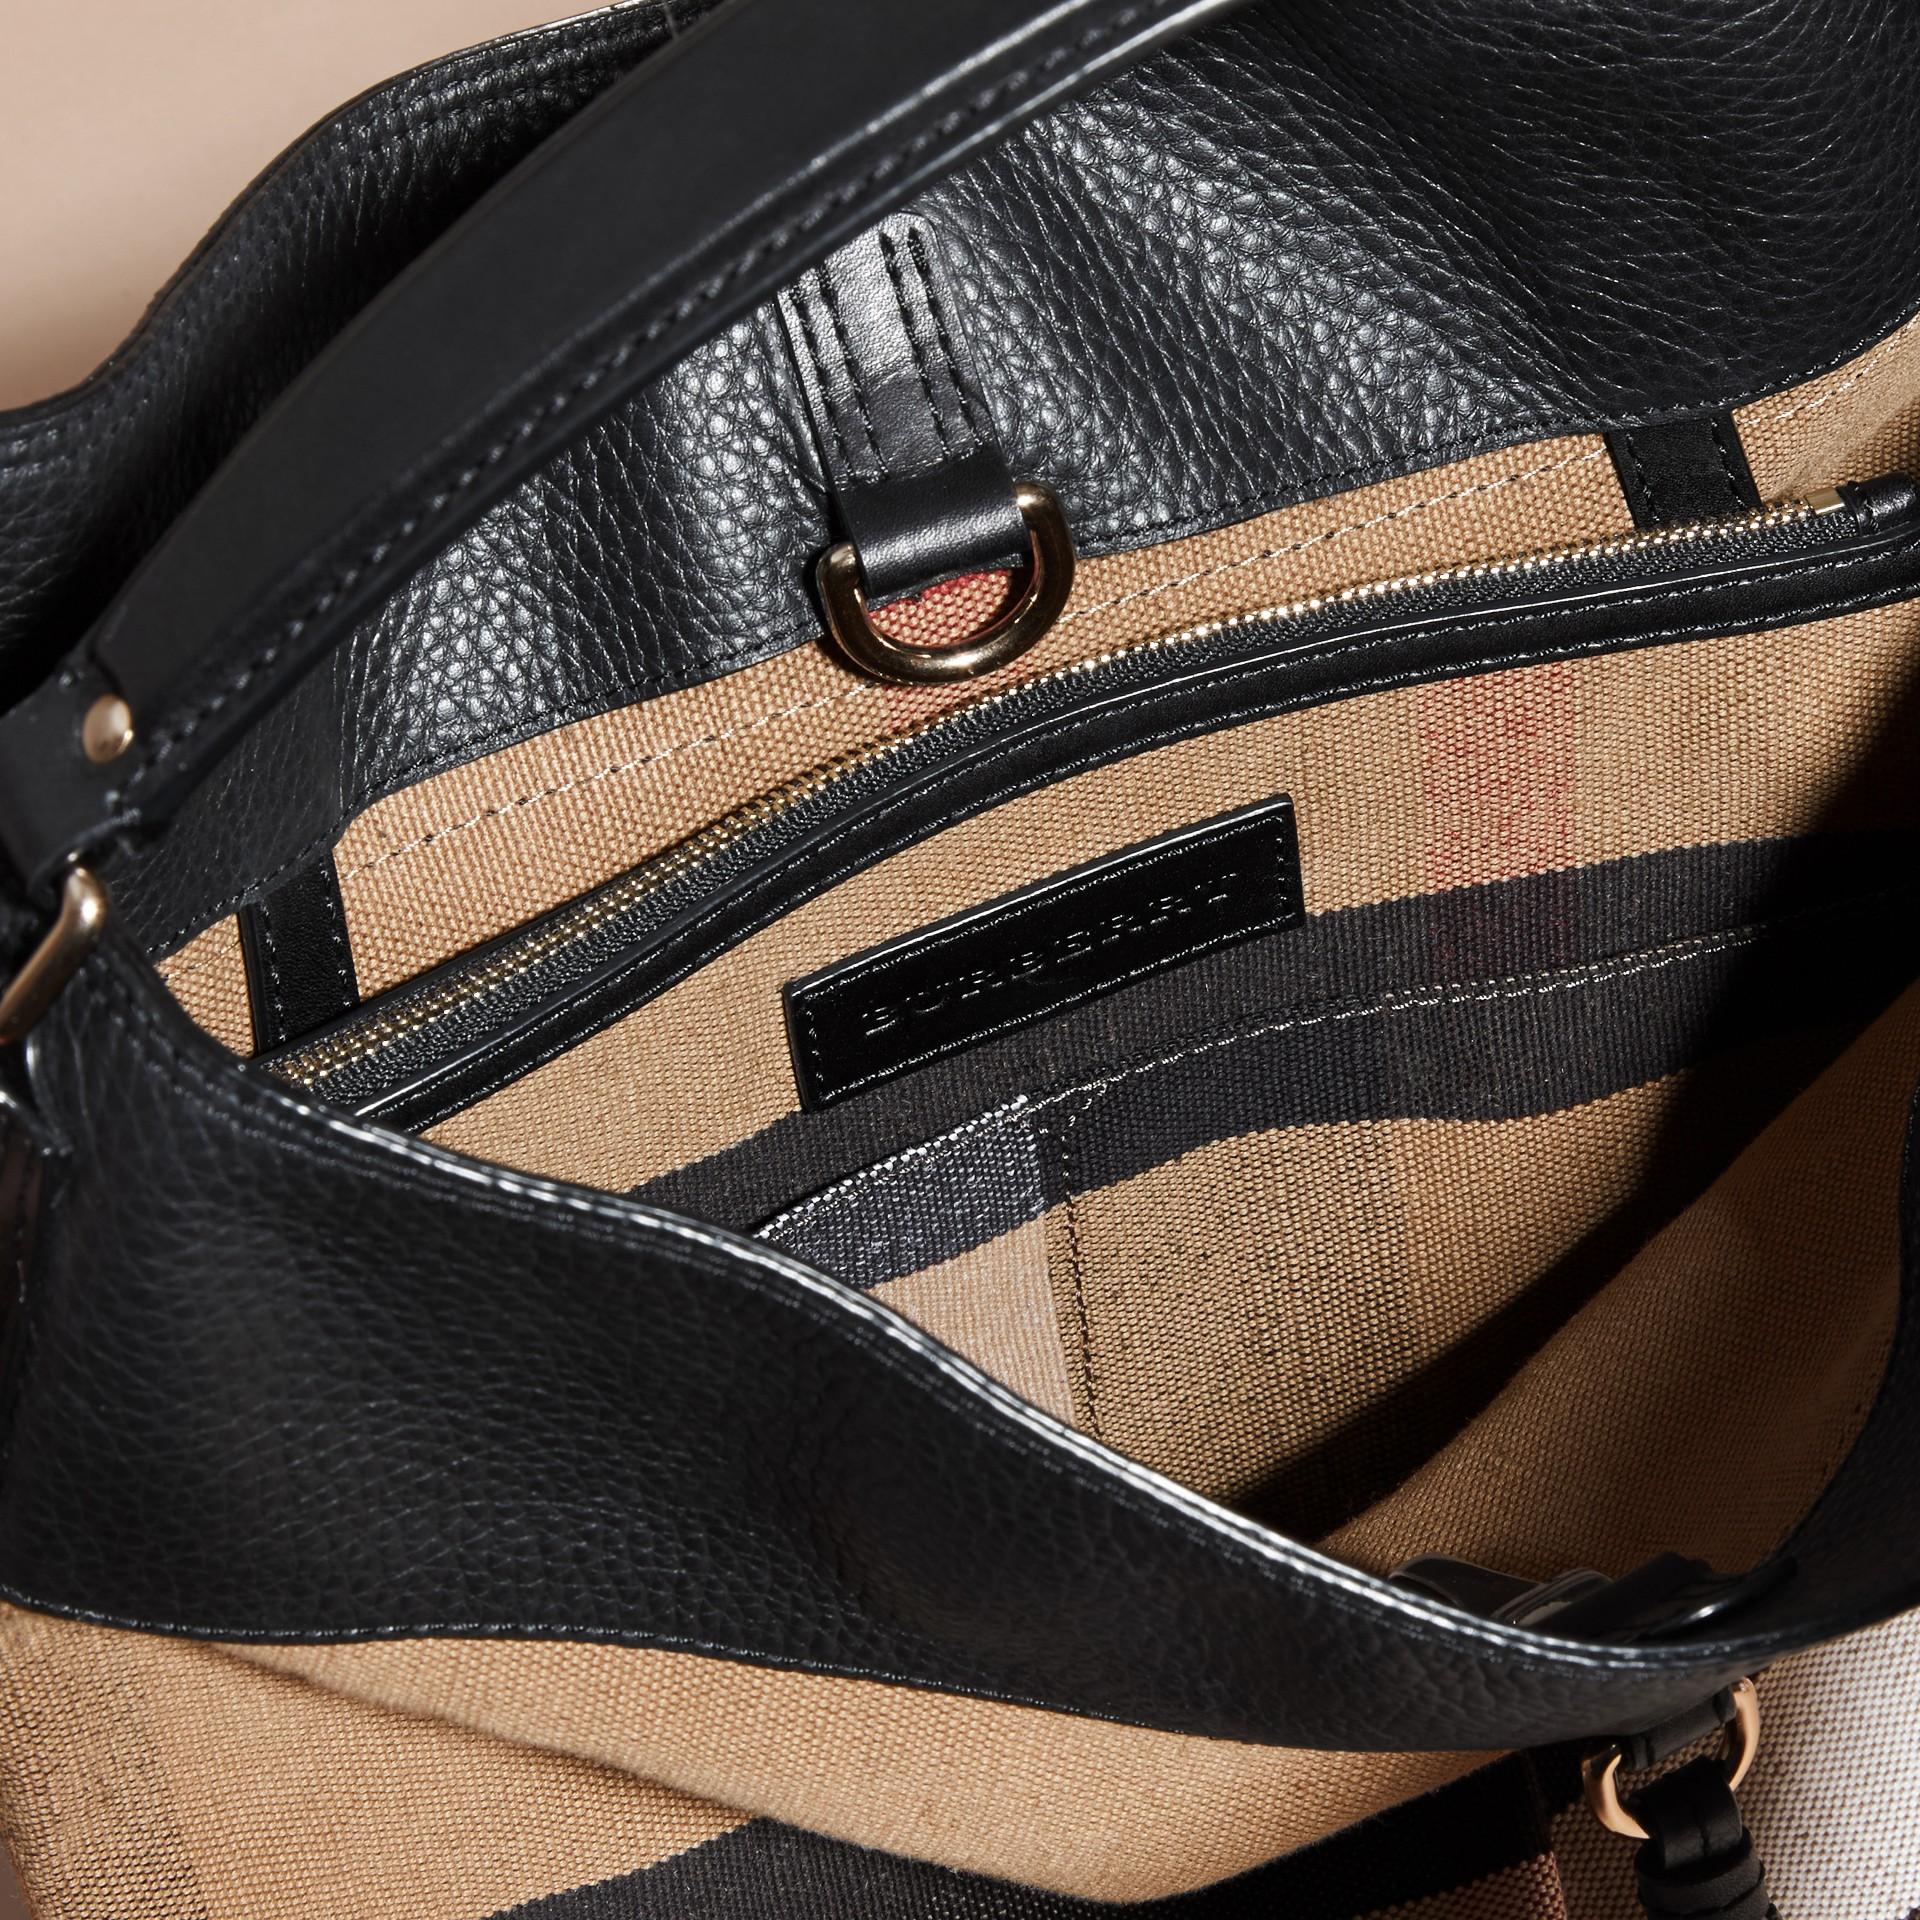 Noir/noir Sac The Ashby medium en toile Canvas check et cuir Noir/noir - photo de la galerie 6